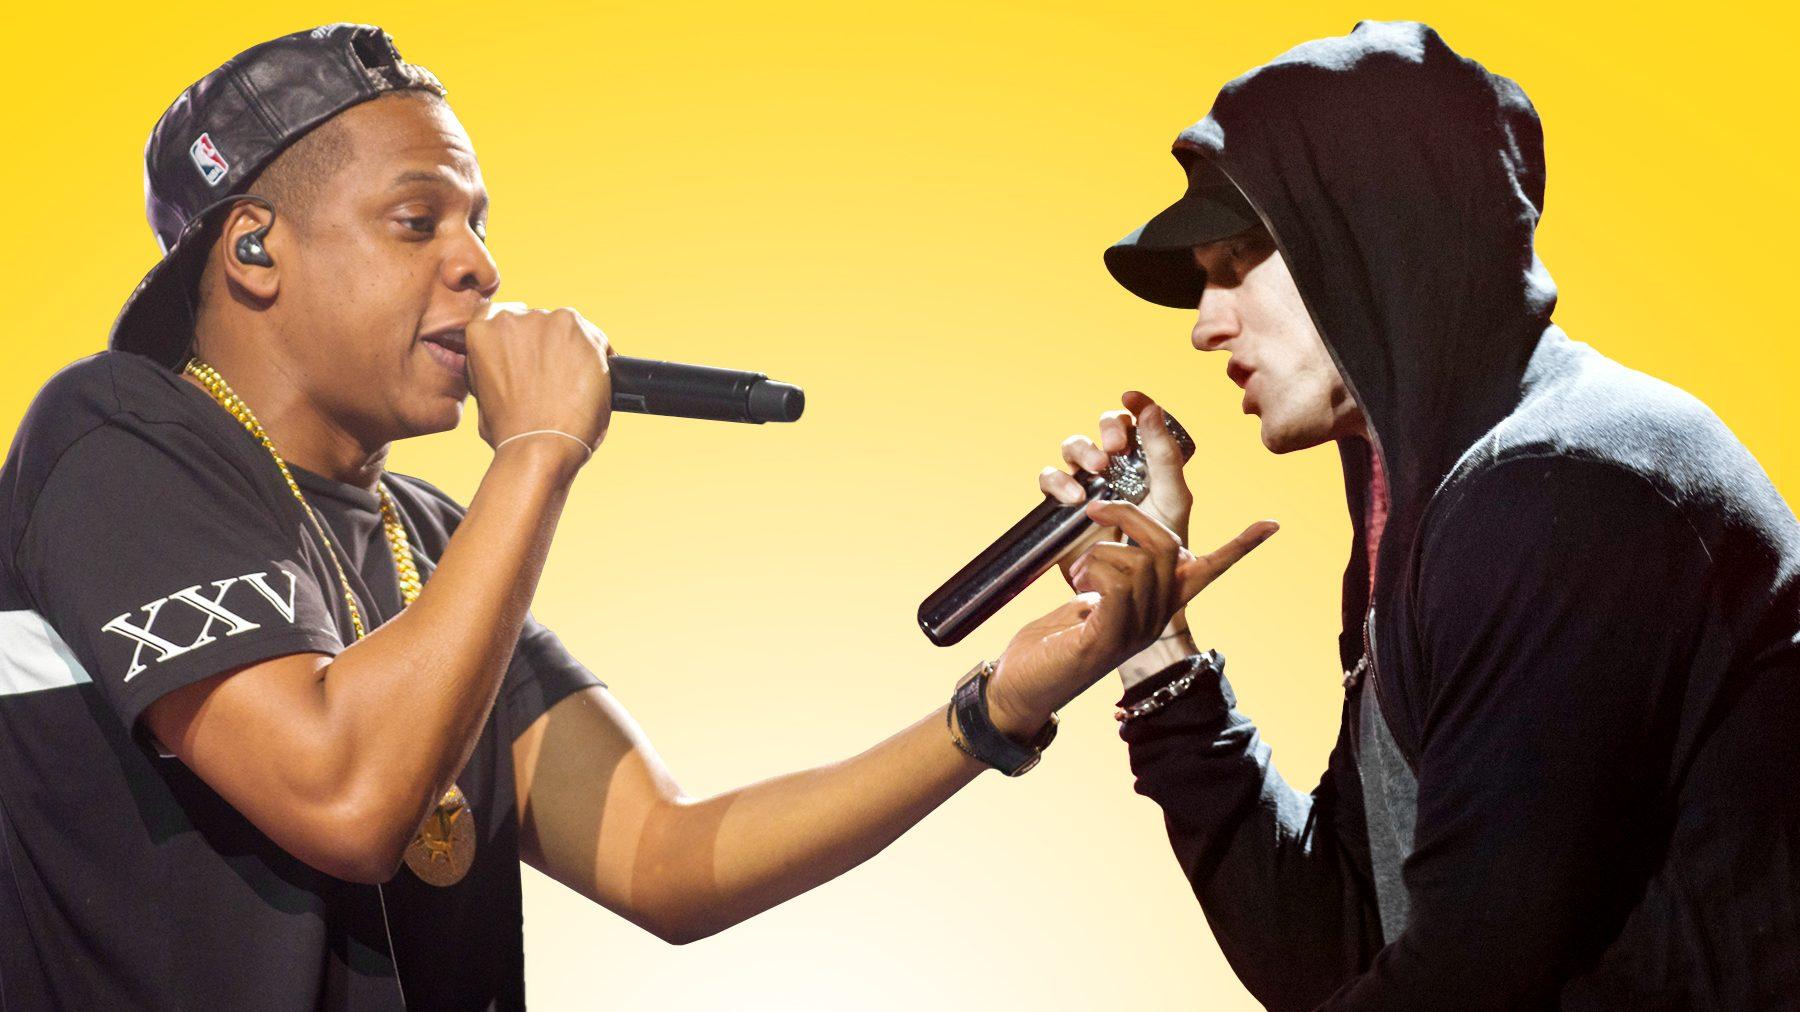 Eminem and Jay-Z